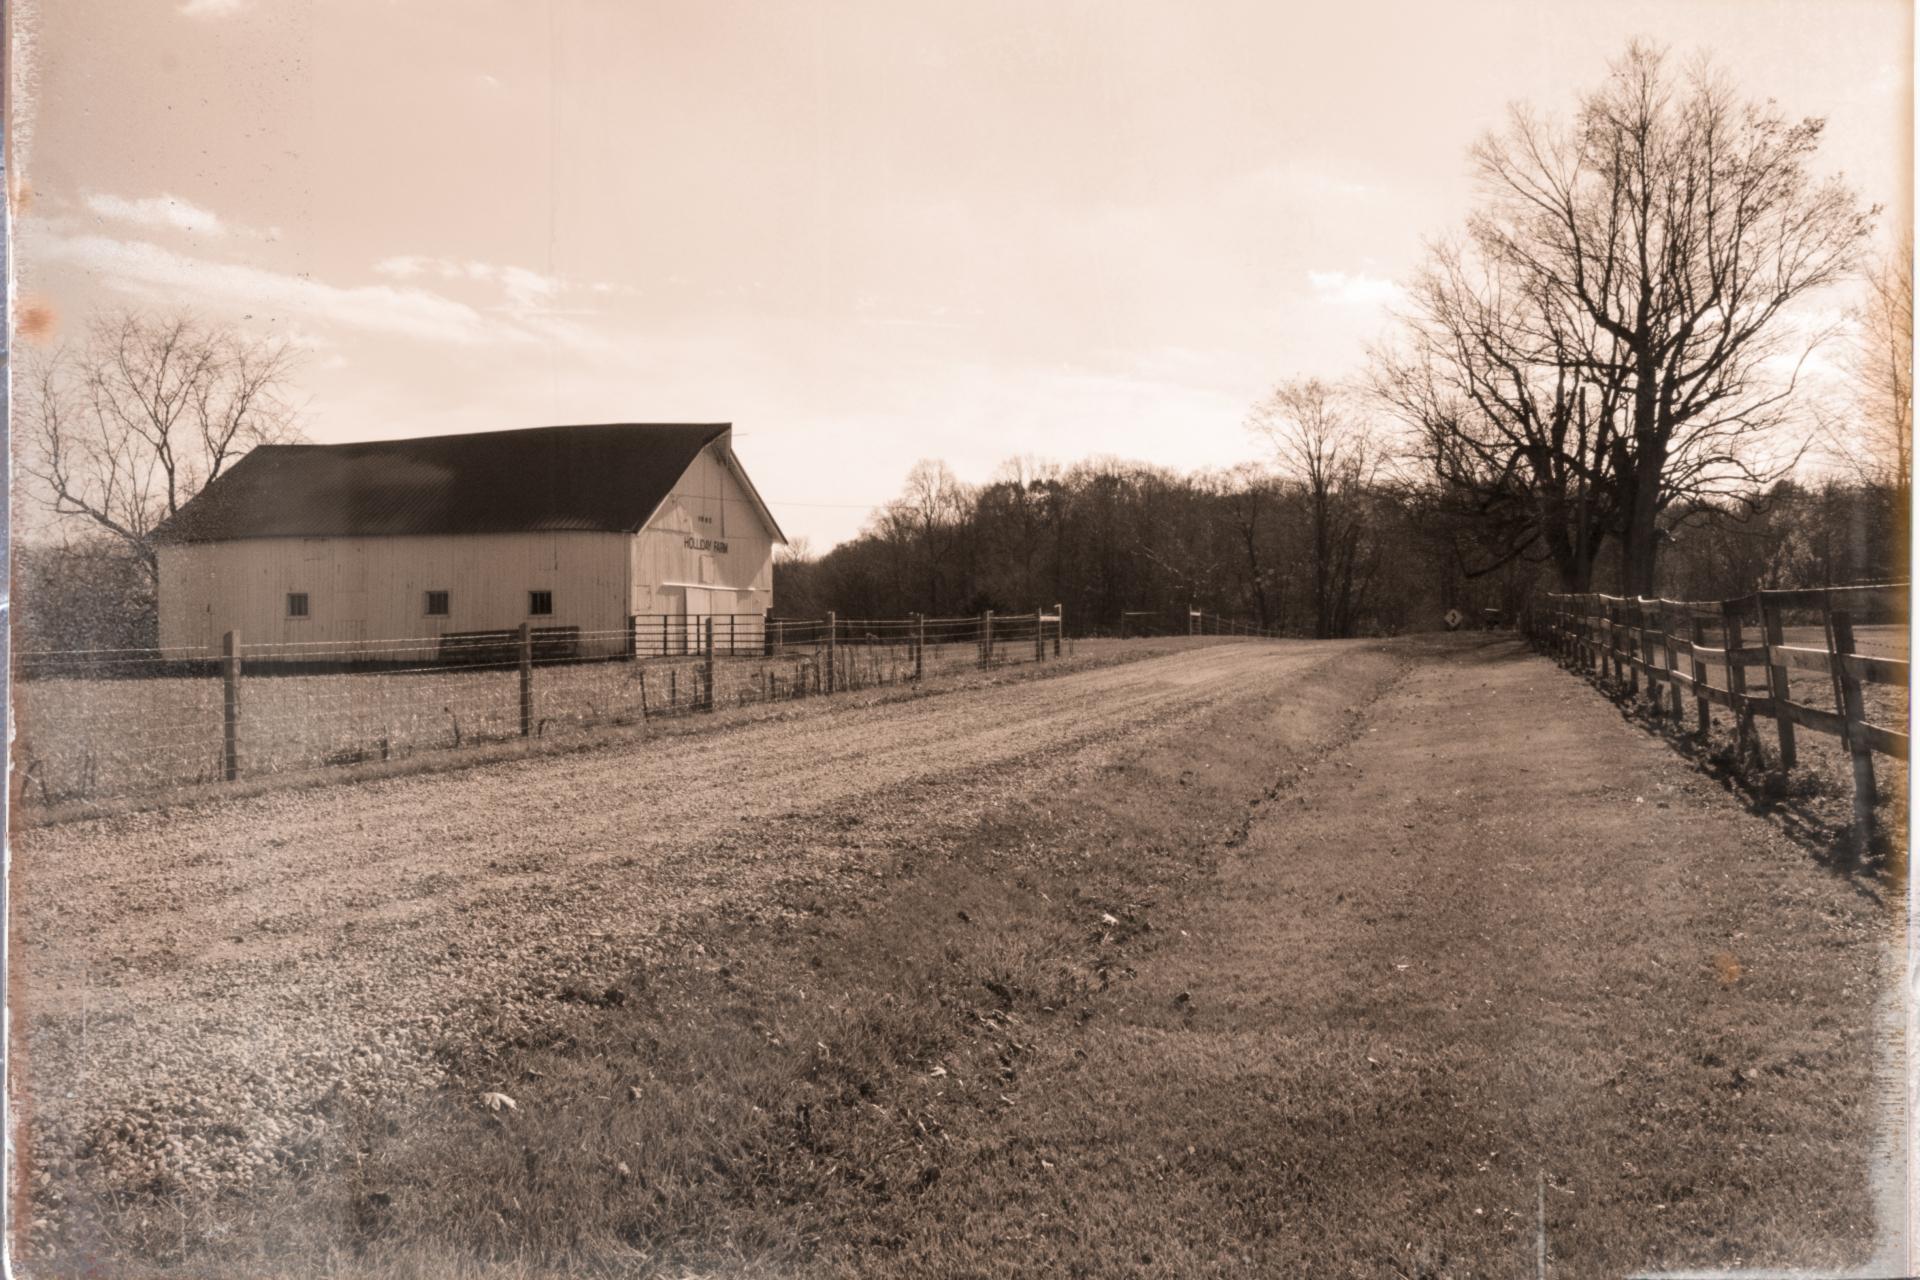 Holliday Barn